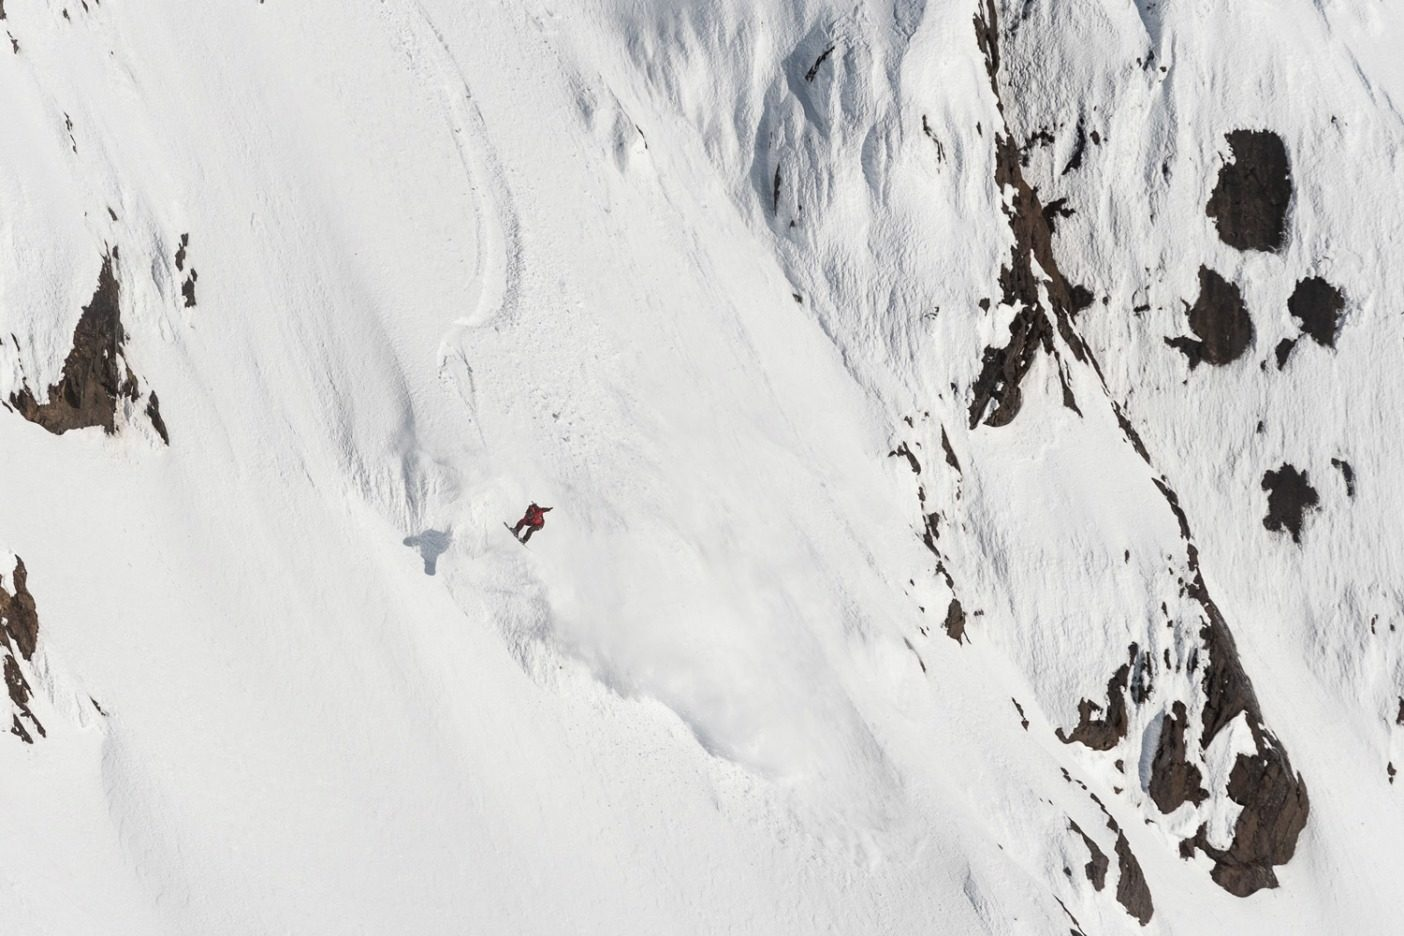 ブリティッシュコロンビア北西部で、垂直距離にして457メートルある斜面の麓近くの閉塞部を抜け、エアを決めるライランド・ベル。彼は1週間ずっとこの斜面に目を付けていたが、天気と積雪状態が整わなかった。長く、困難な登りの末に、このラインをスピードを出して、クリーンに滑った。典型的なライランドだ。Photo:Colin Wiseman